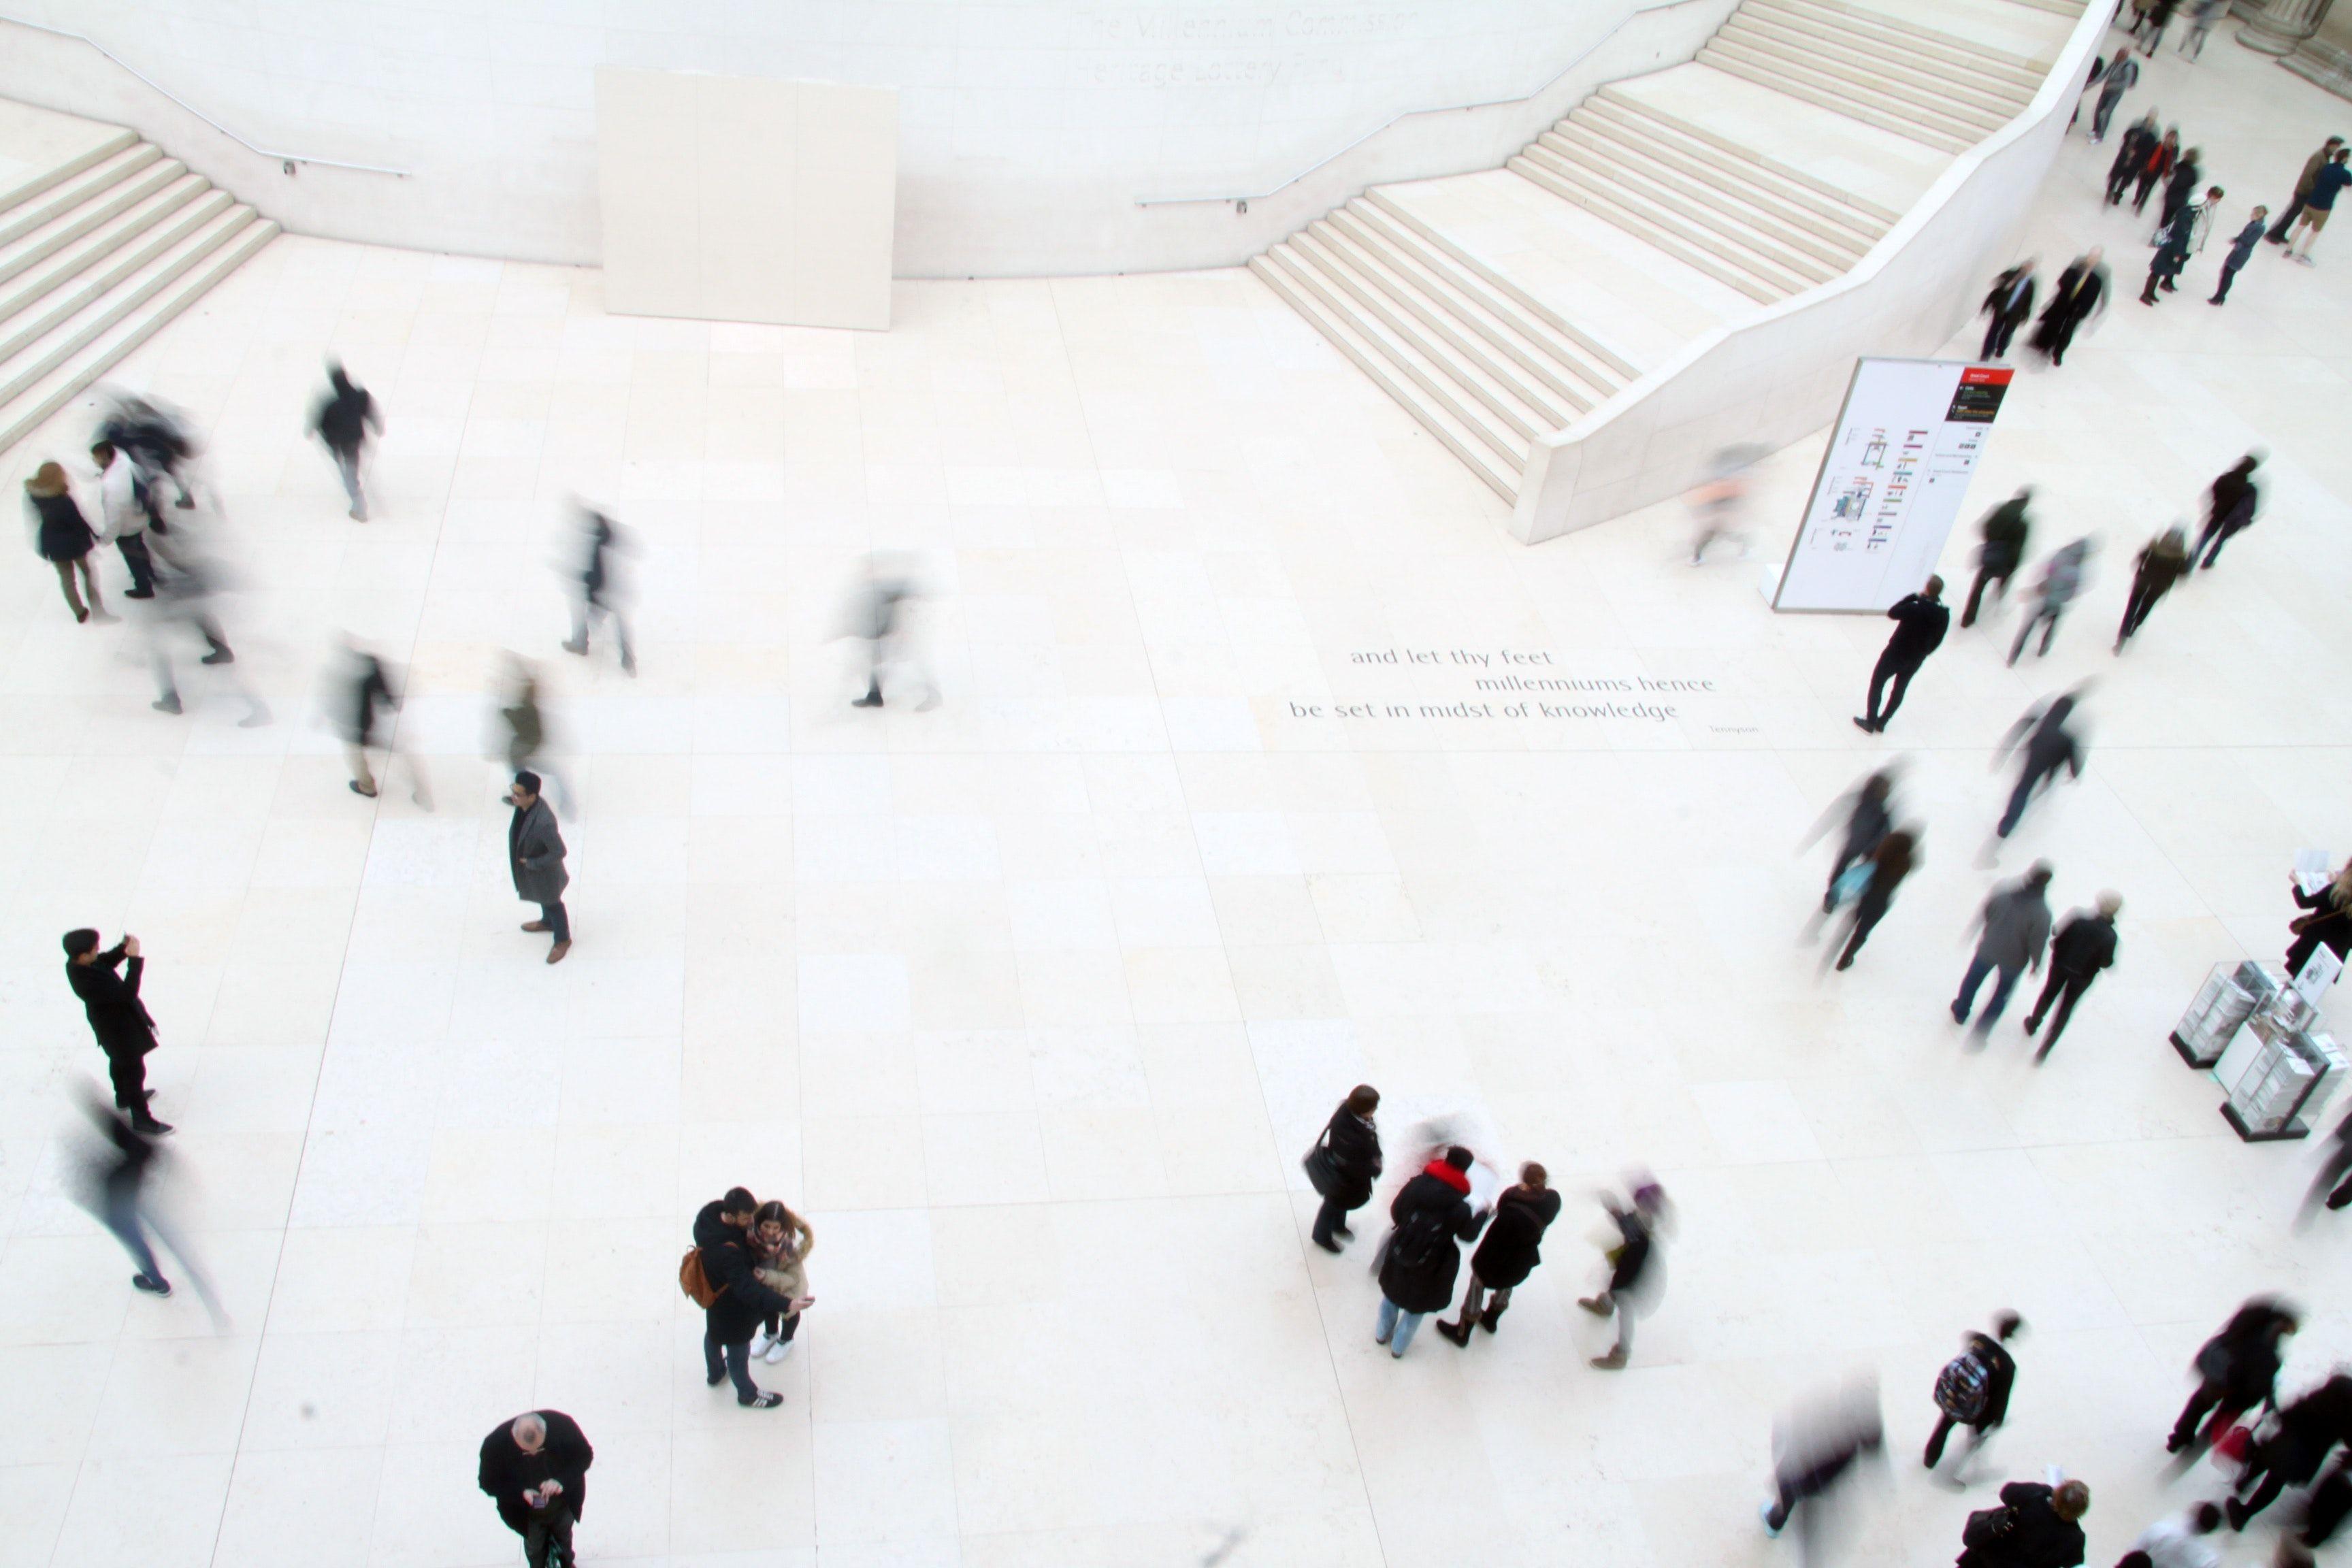 People walking in a lobby